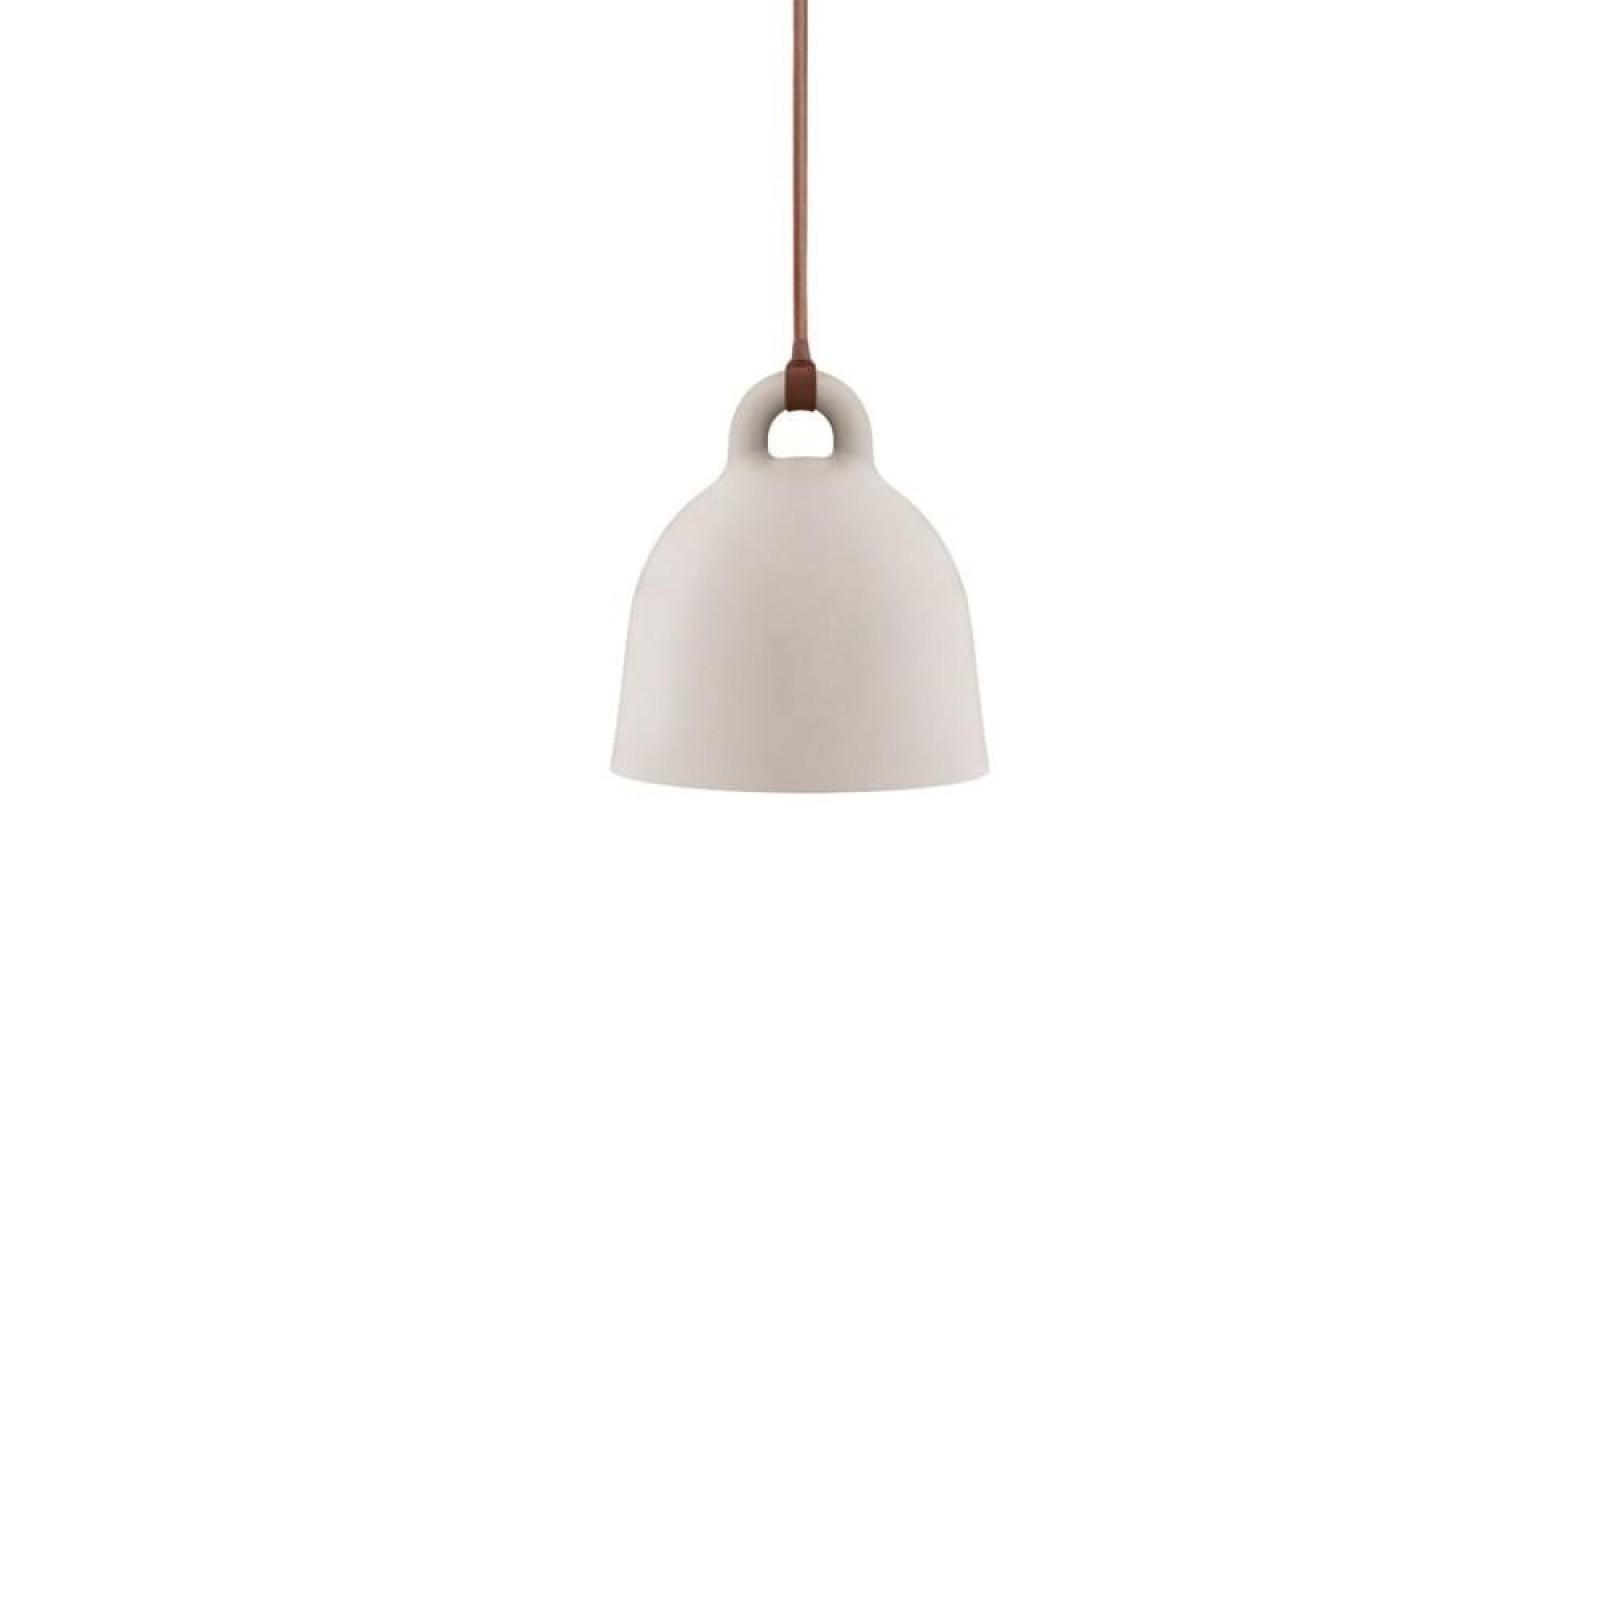 Φωτιστικό Οροφής Bell X-Small (Μπεζ) - Normann Copenhagen